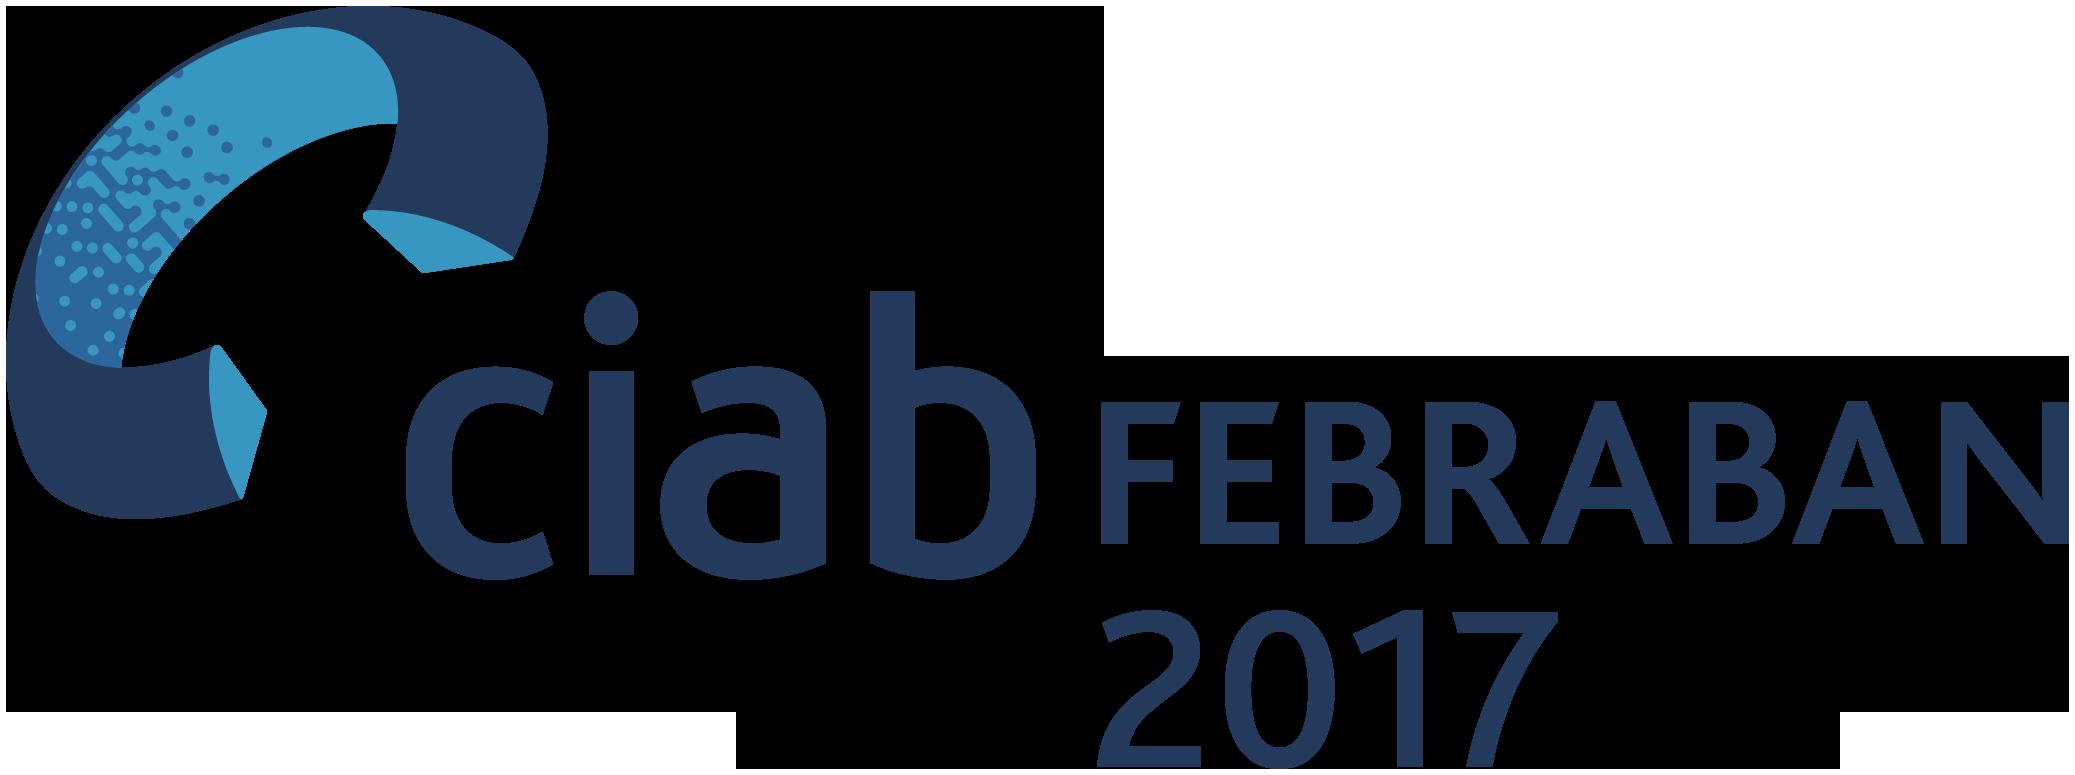 CIAB FEBRABAN – June 23-25, 2020, São Paulo, Brazil